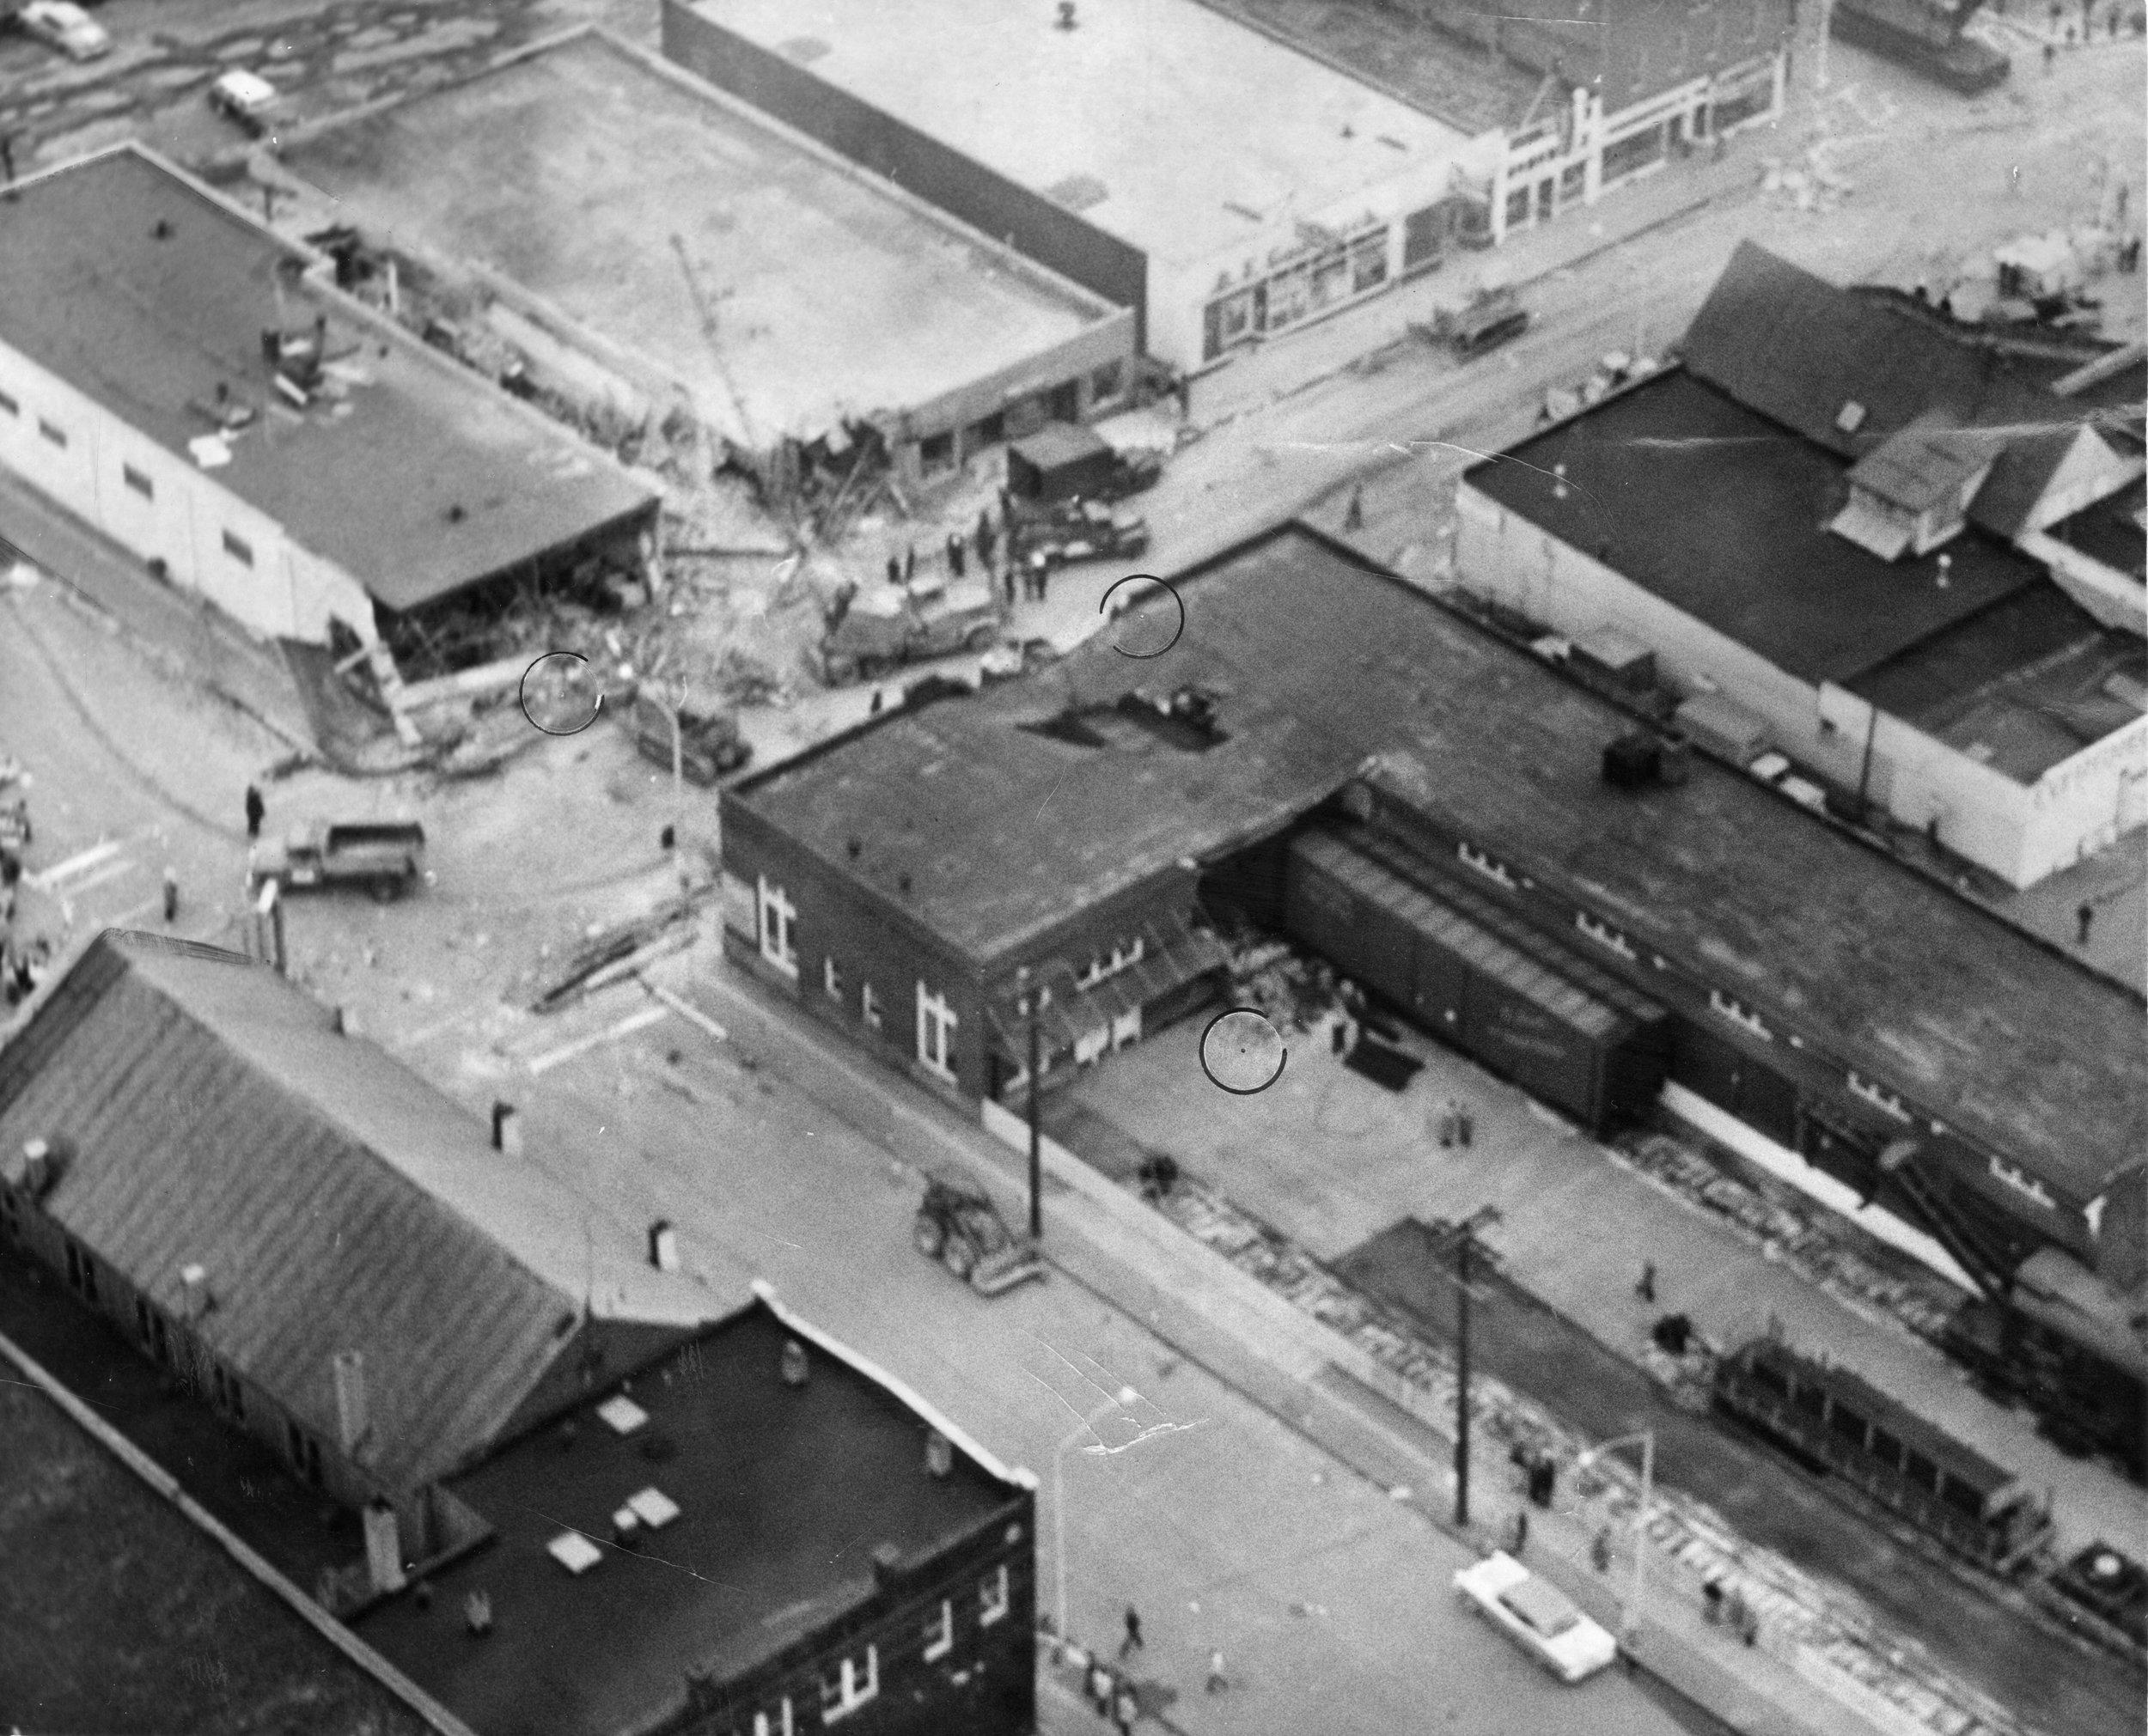 McDonald_1959_UPRR_March 1959_wreck_026a.jpg